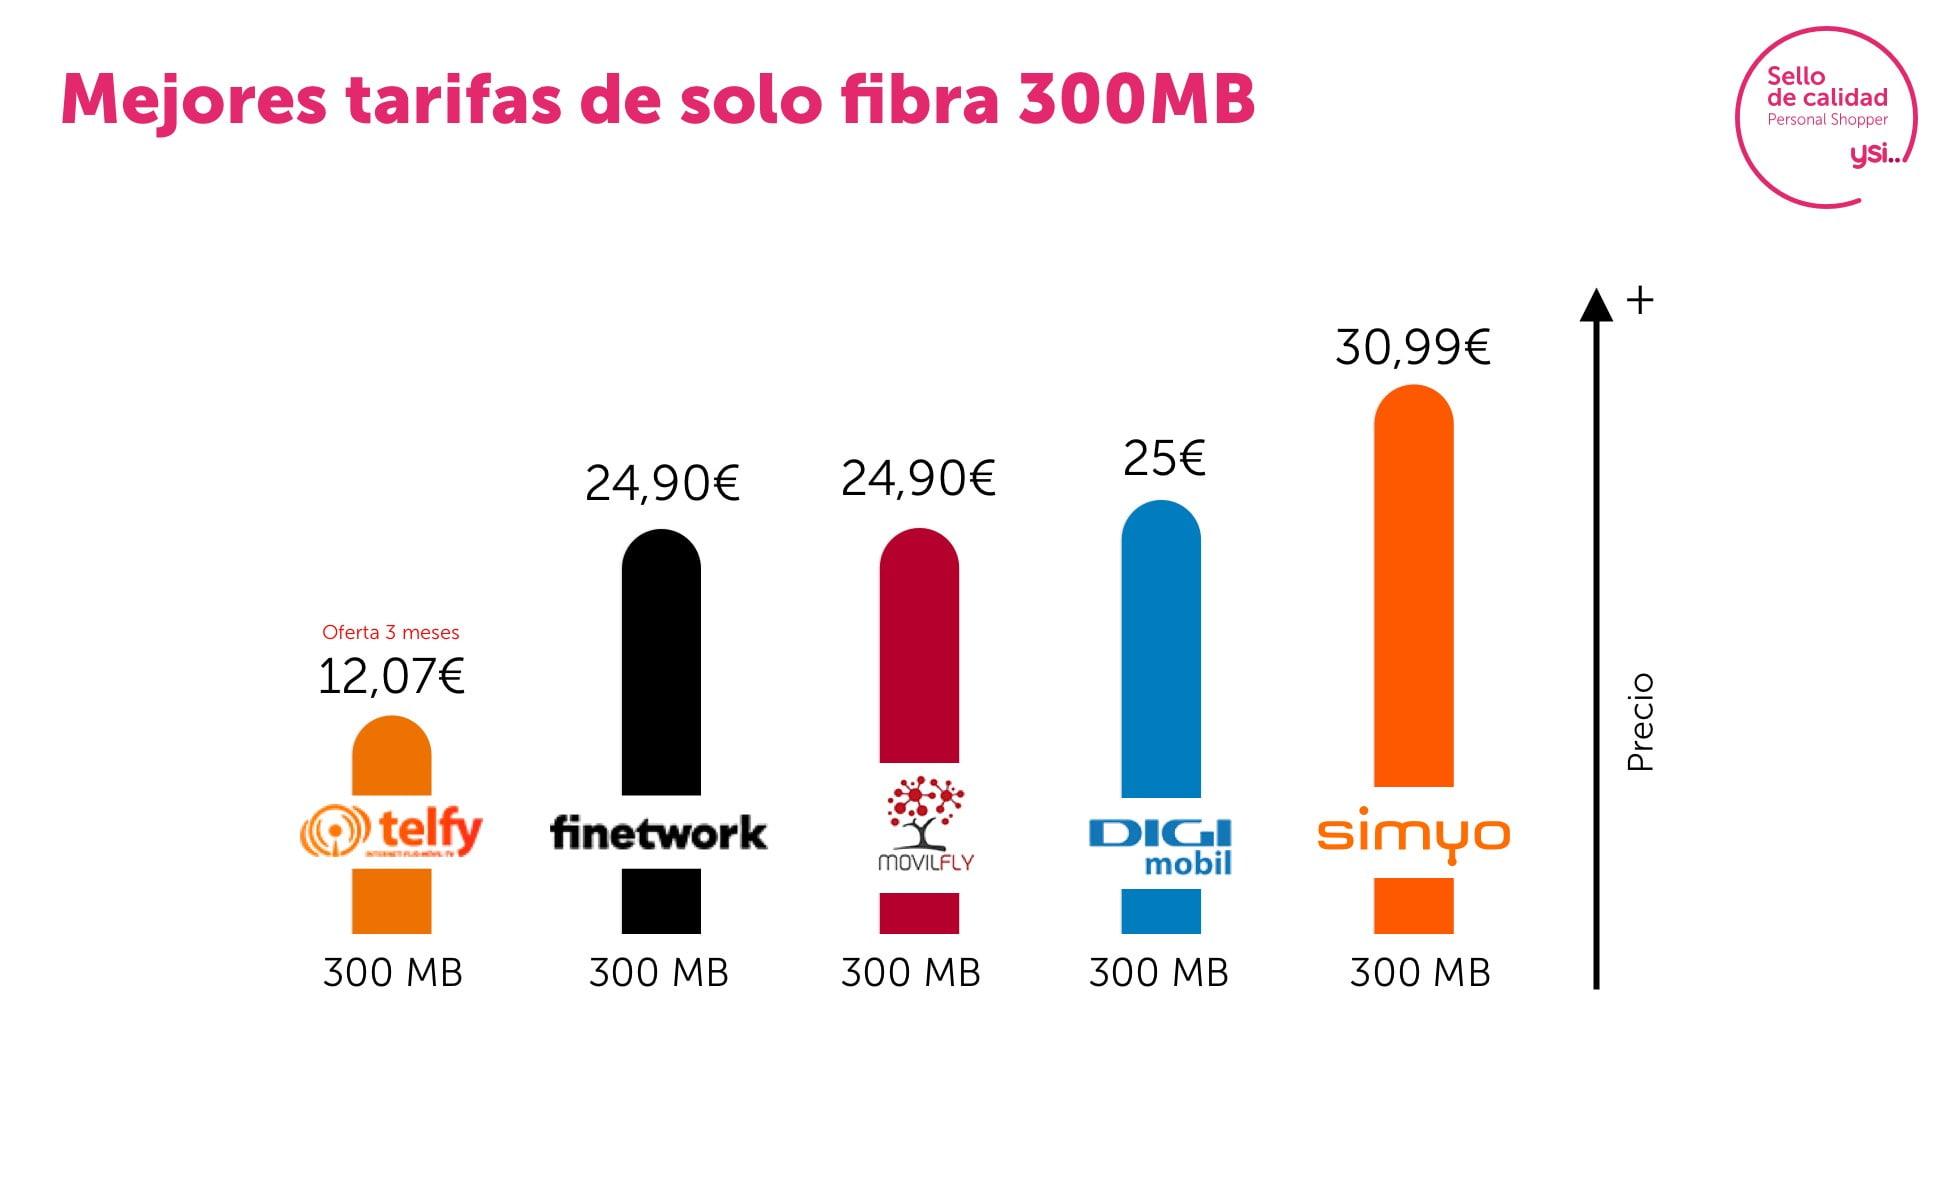 Mejores ofertas fibra 300 mb